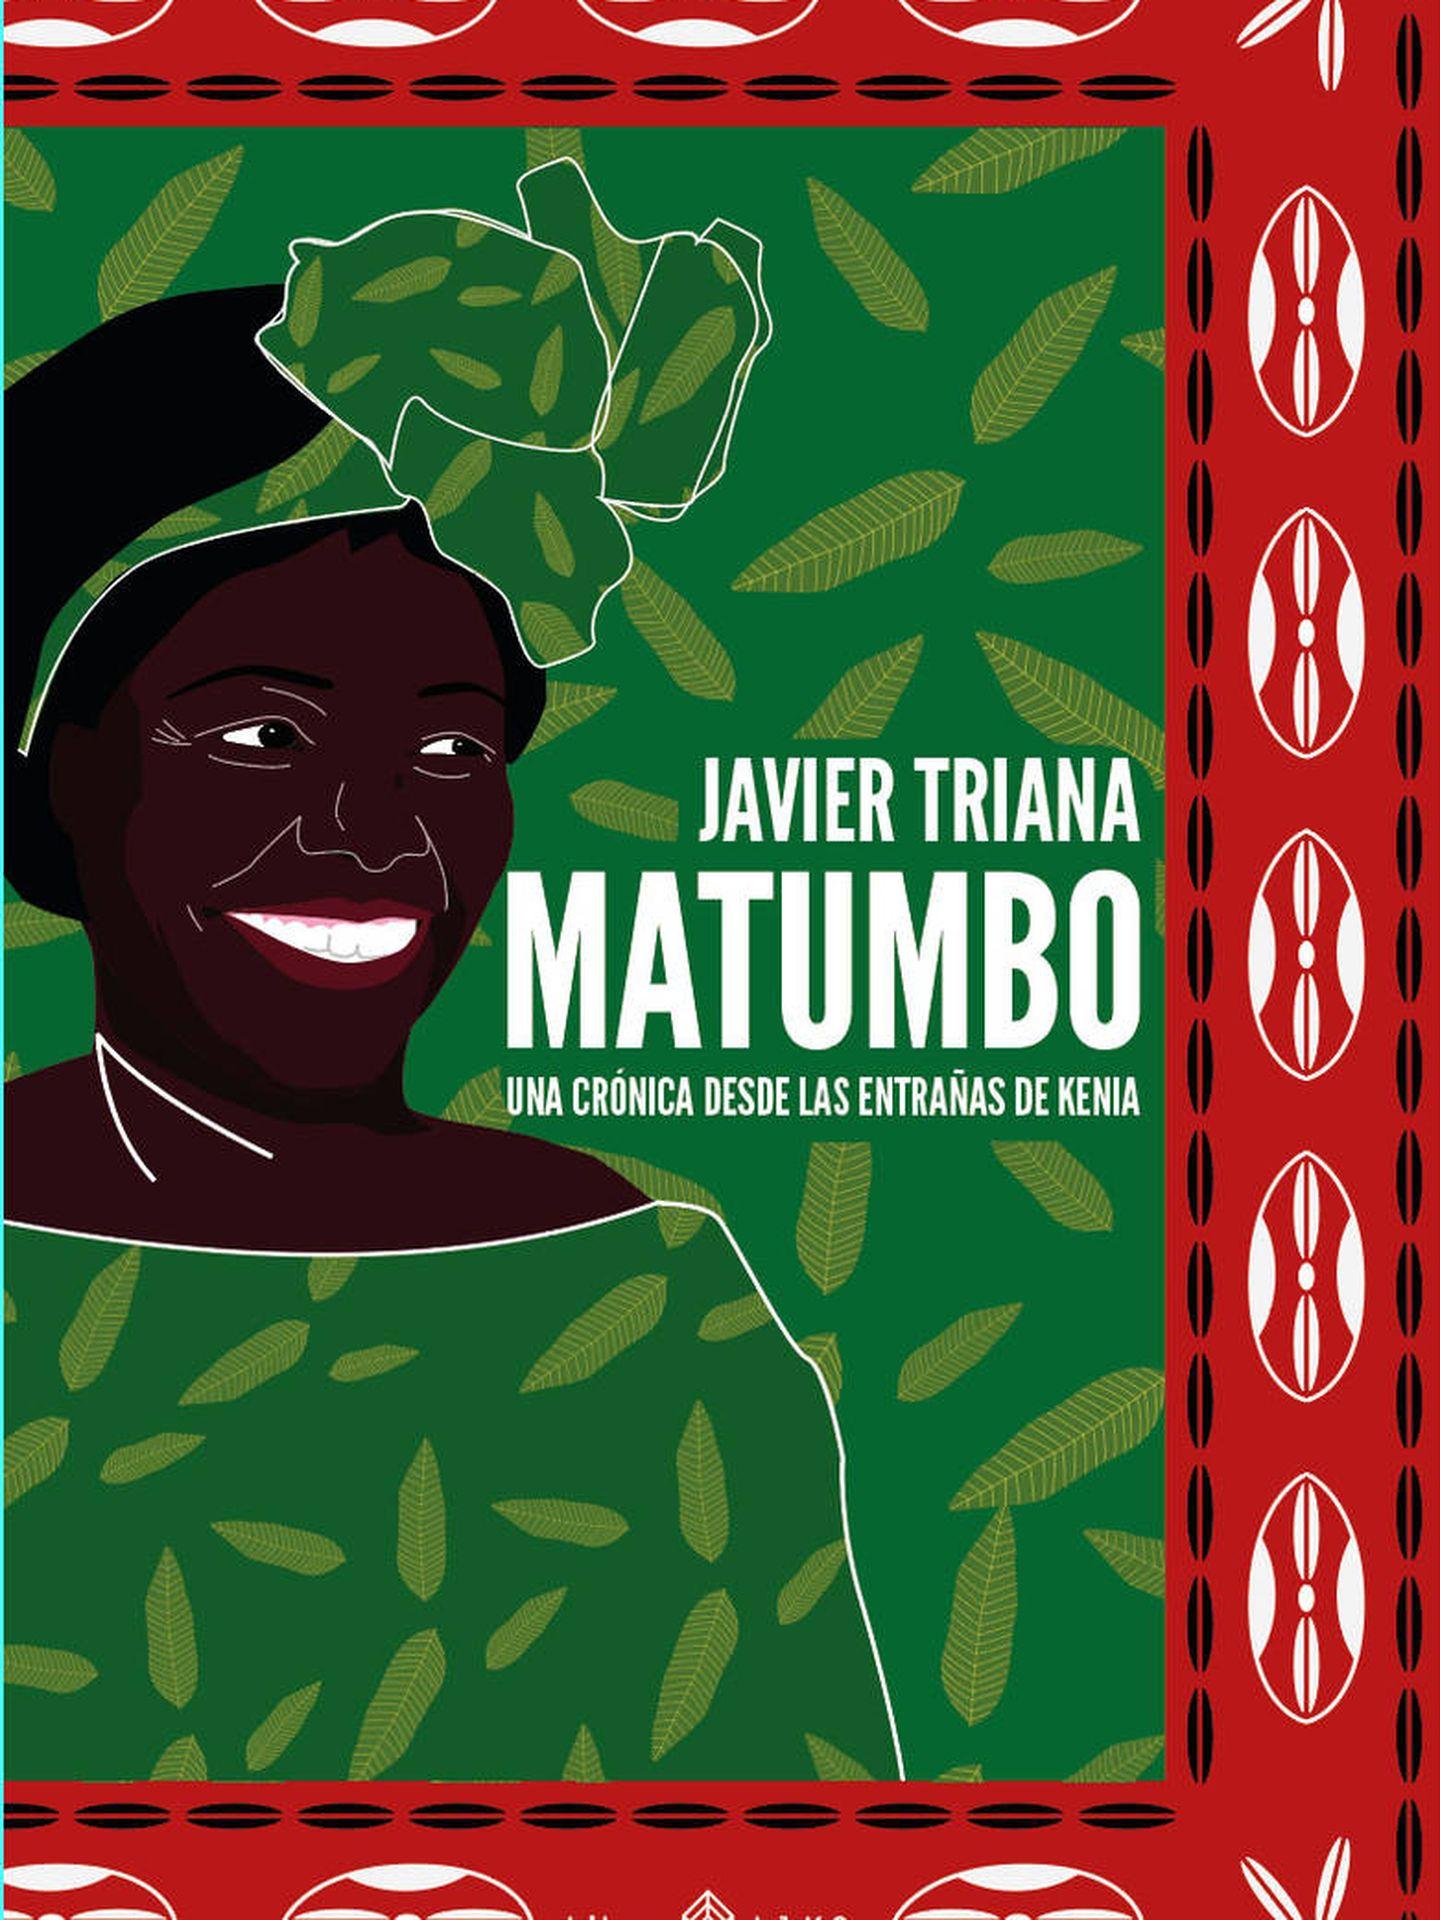 'Matumbo'.